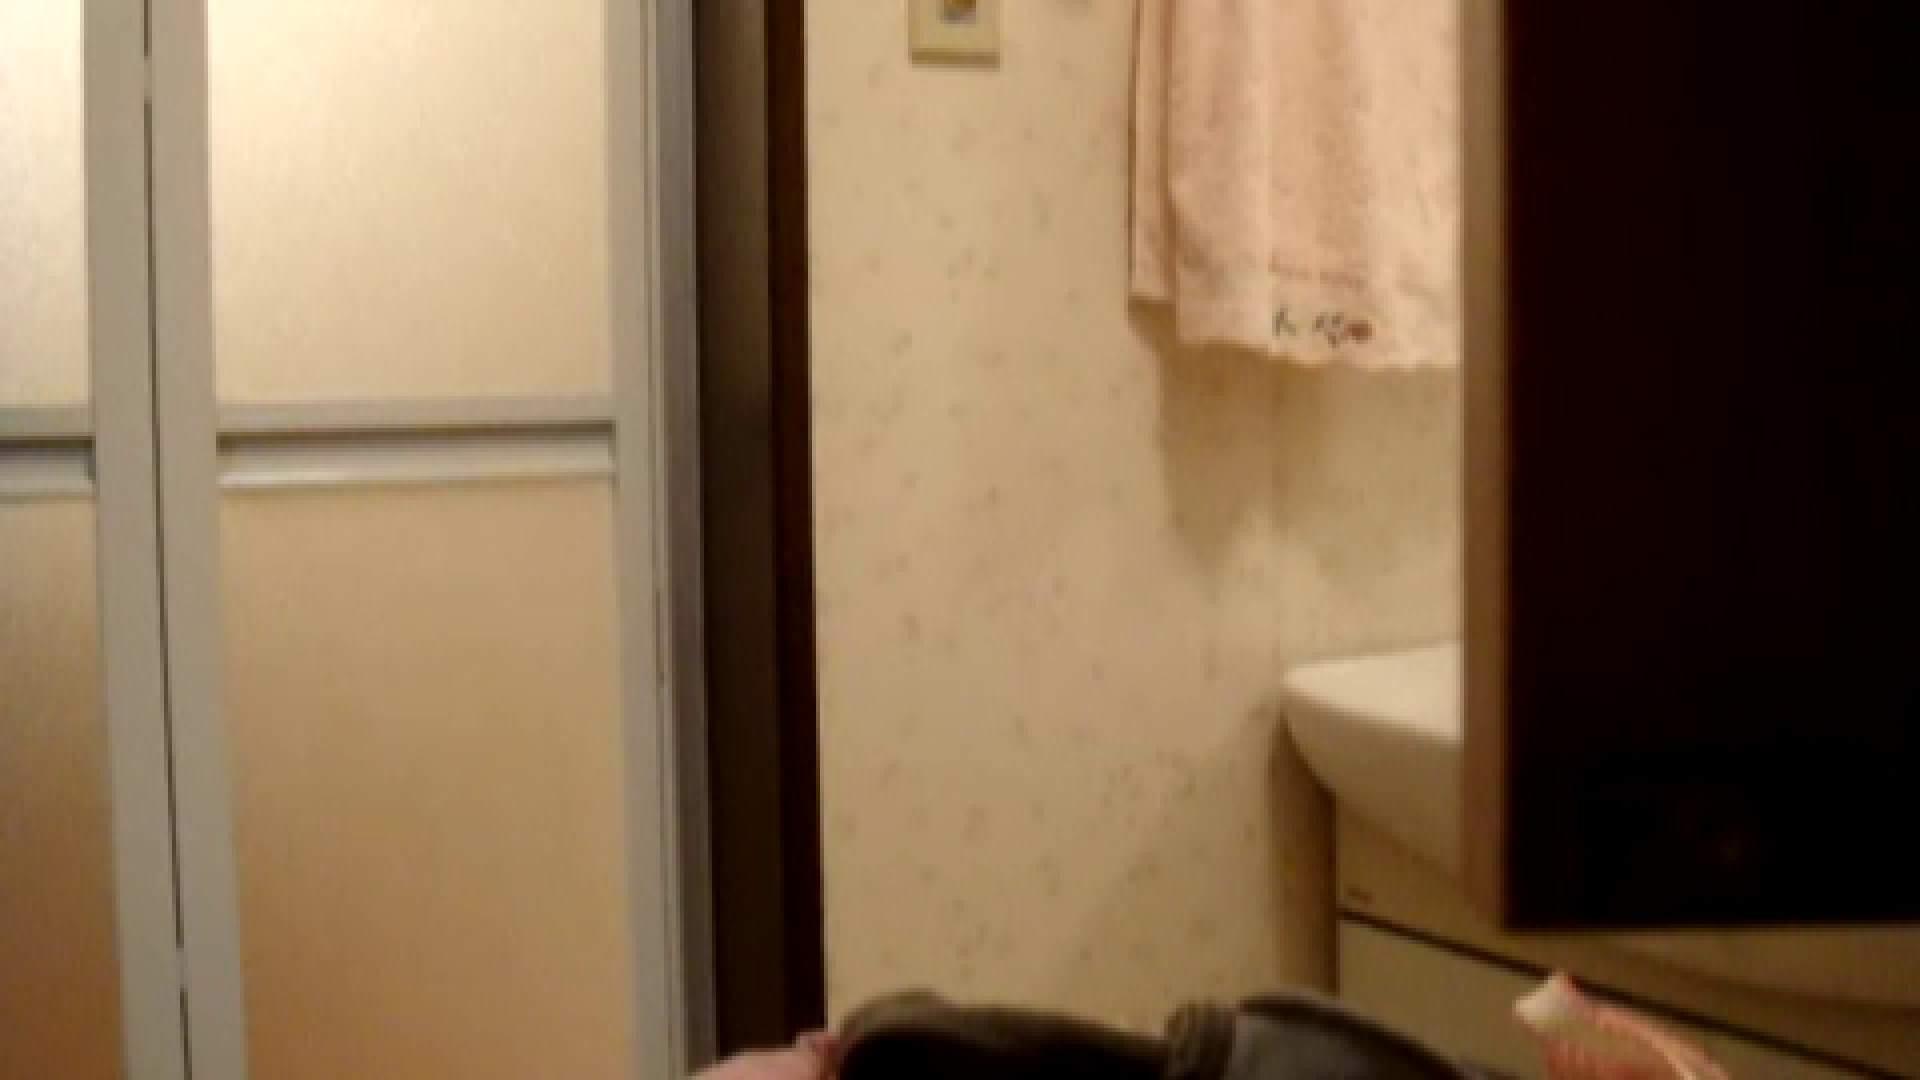 二人とも育てた甲斐がありました… vol.08 まどかの入浴中にカメラに気付いたか!? 入浴 | HなOL  50pic 38